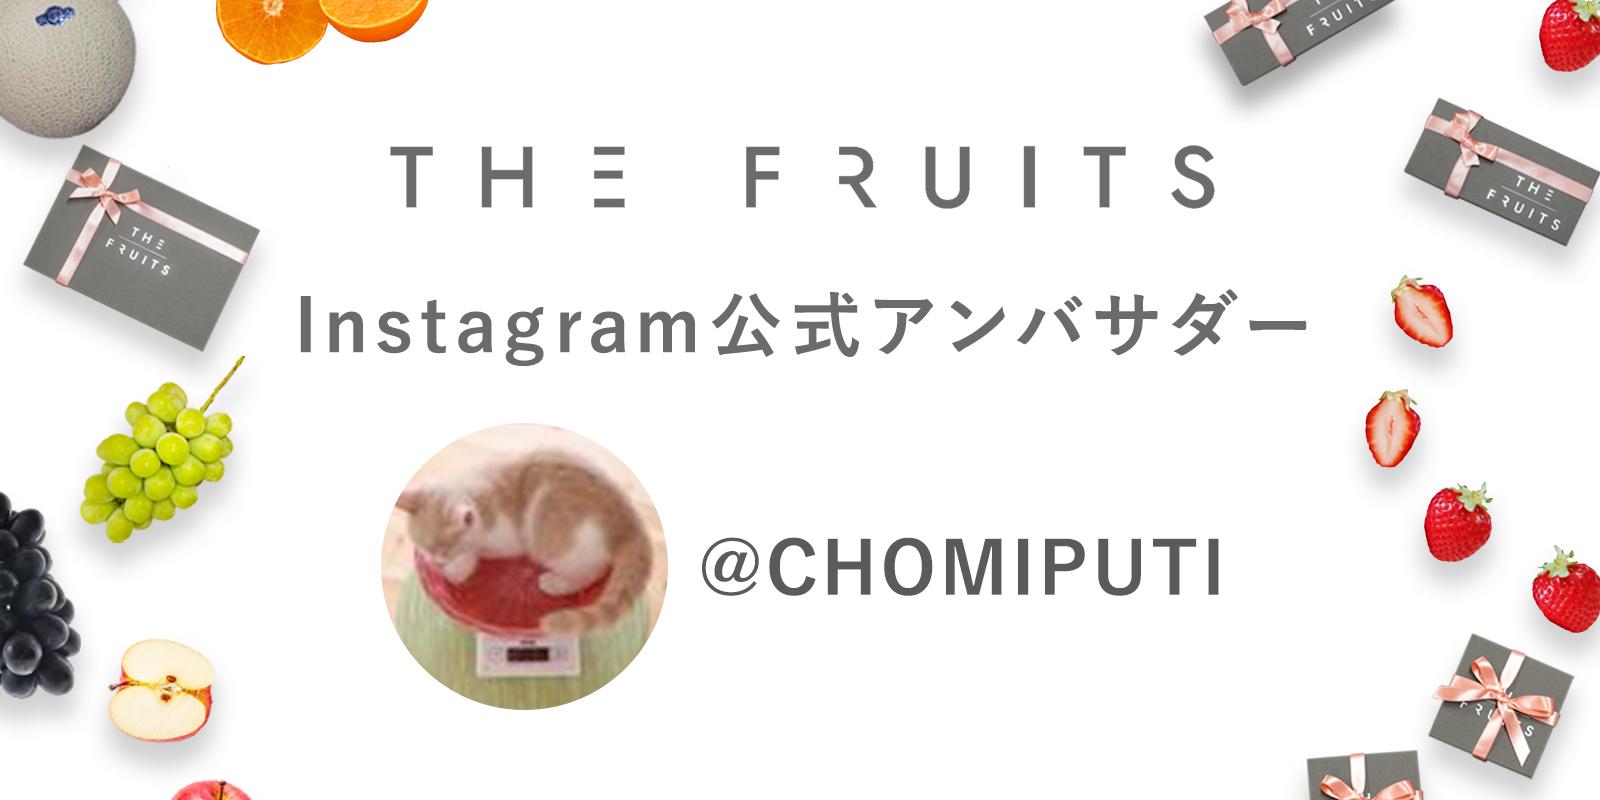 THE FRUITS公式アンバサダー就任のお知らせ @chomiputiのイメージ